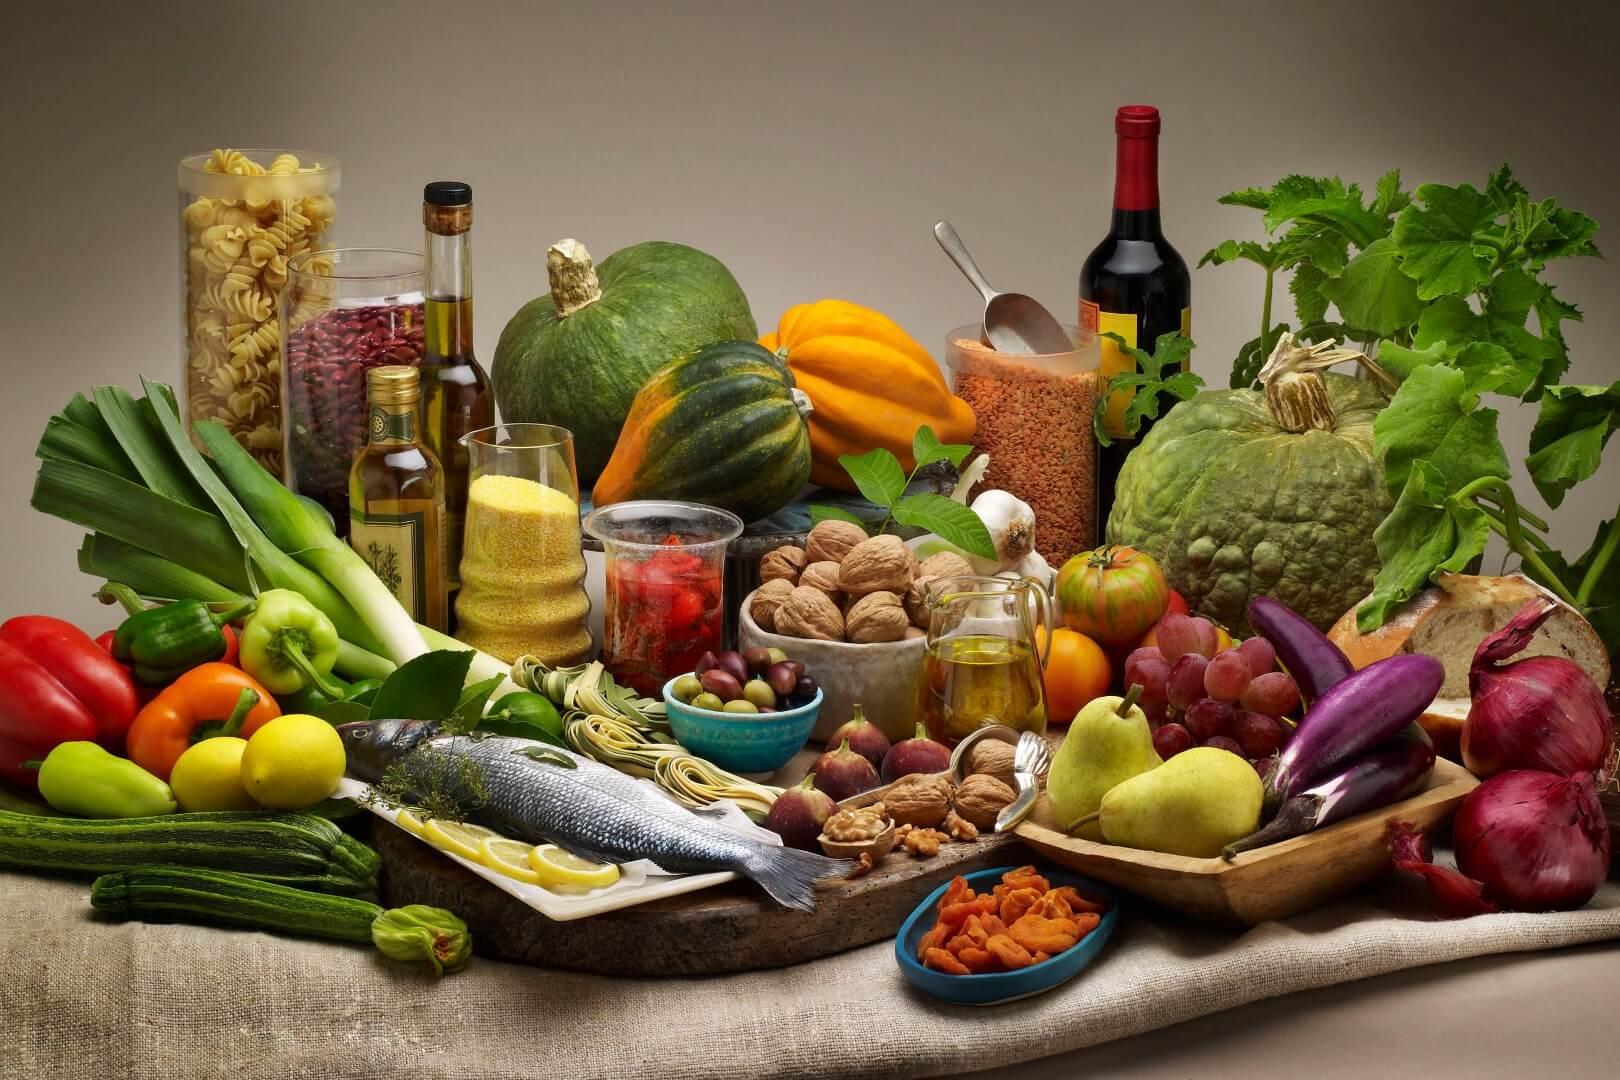 Νέες συμφωνίες για εξαγωγή τροφίμων σε Ιαπωνία και Νότια Κορέα